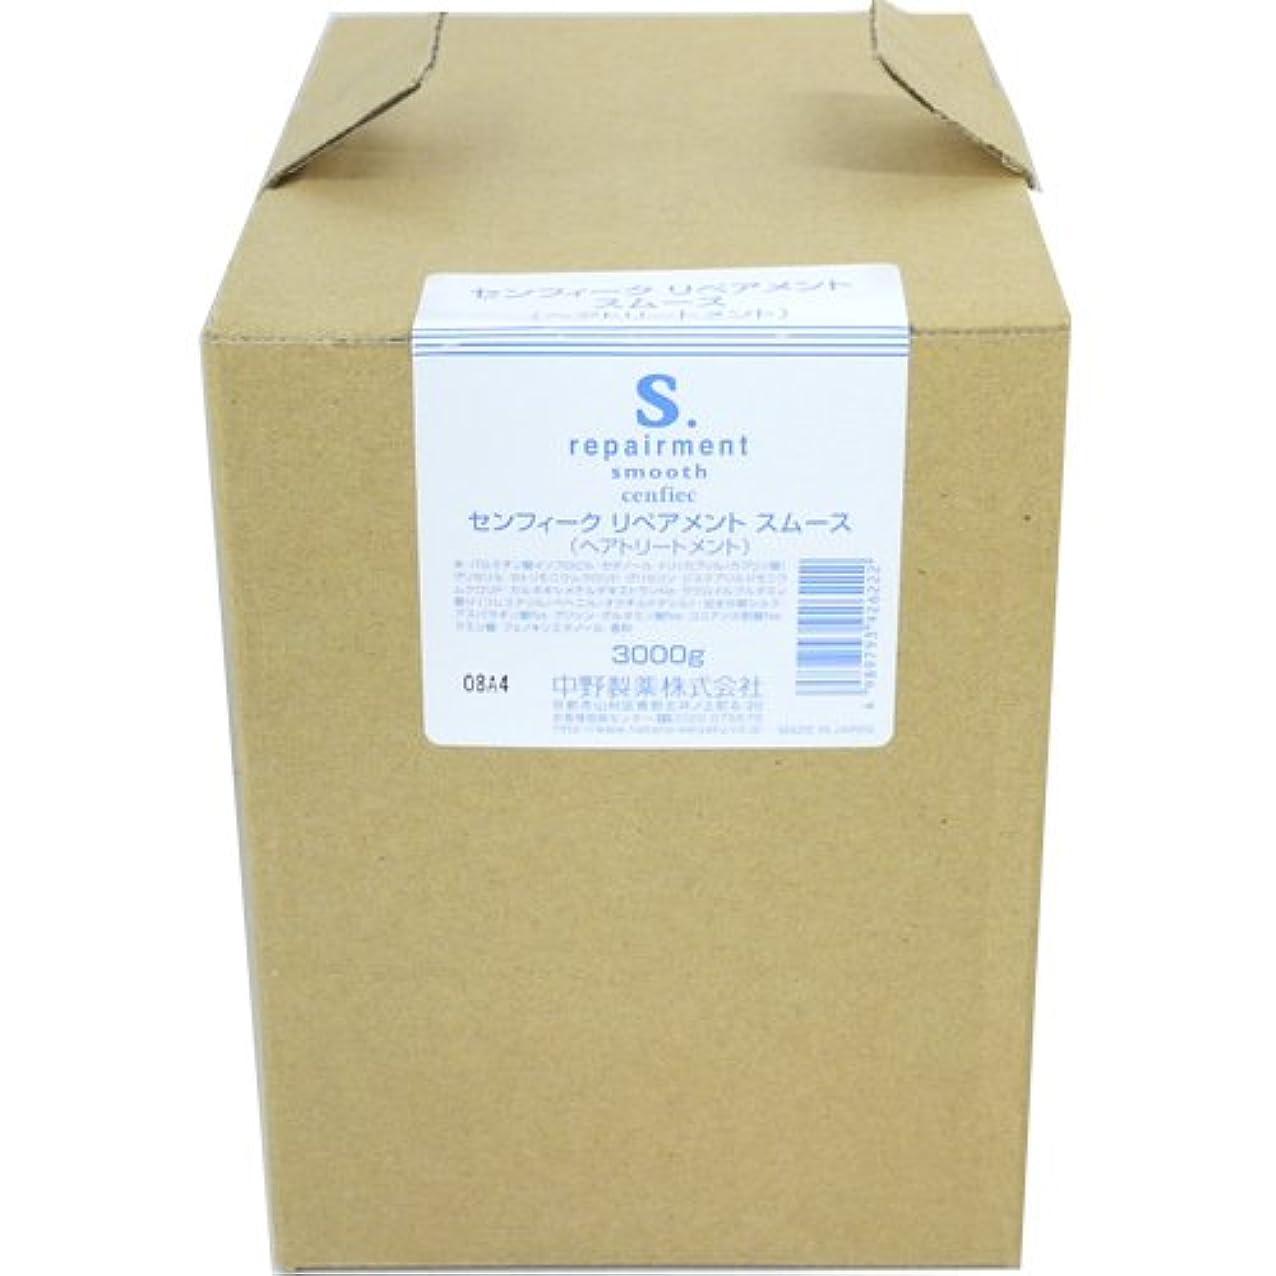 節約するはず伝統的ナカノ センフィーク リペアメント スムース 詰め替え用 3000g(1500g×2)